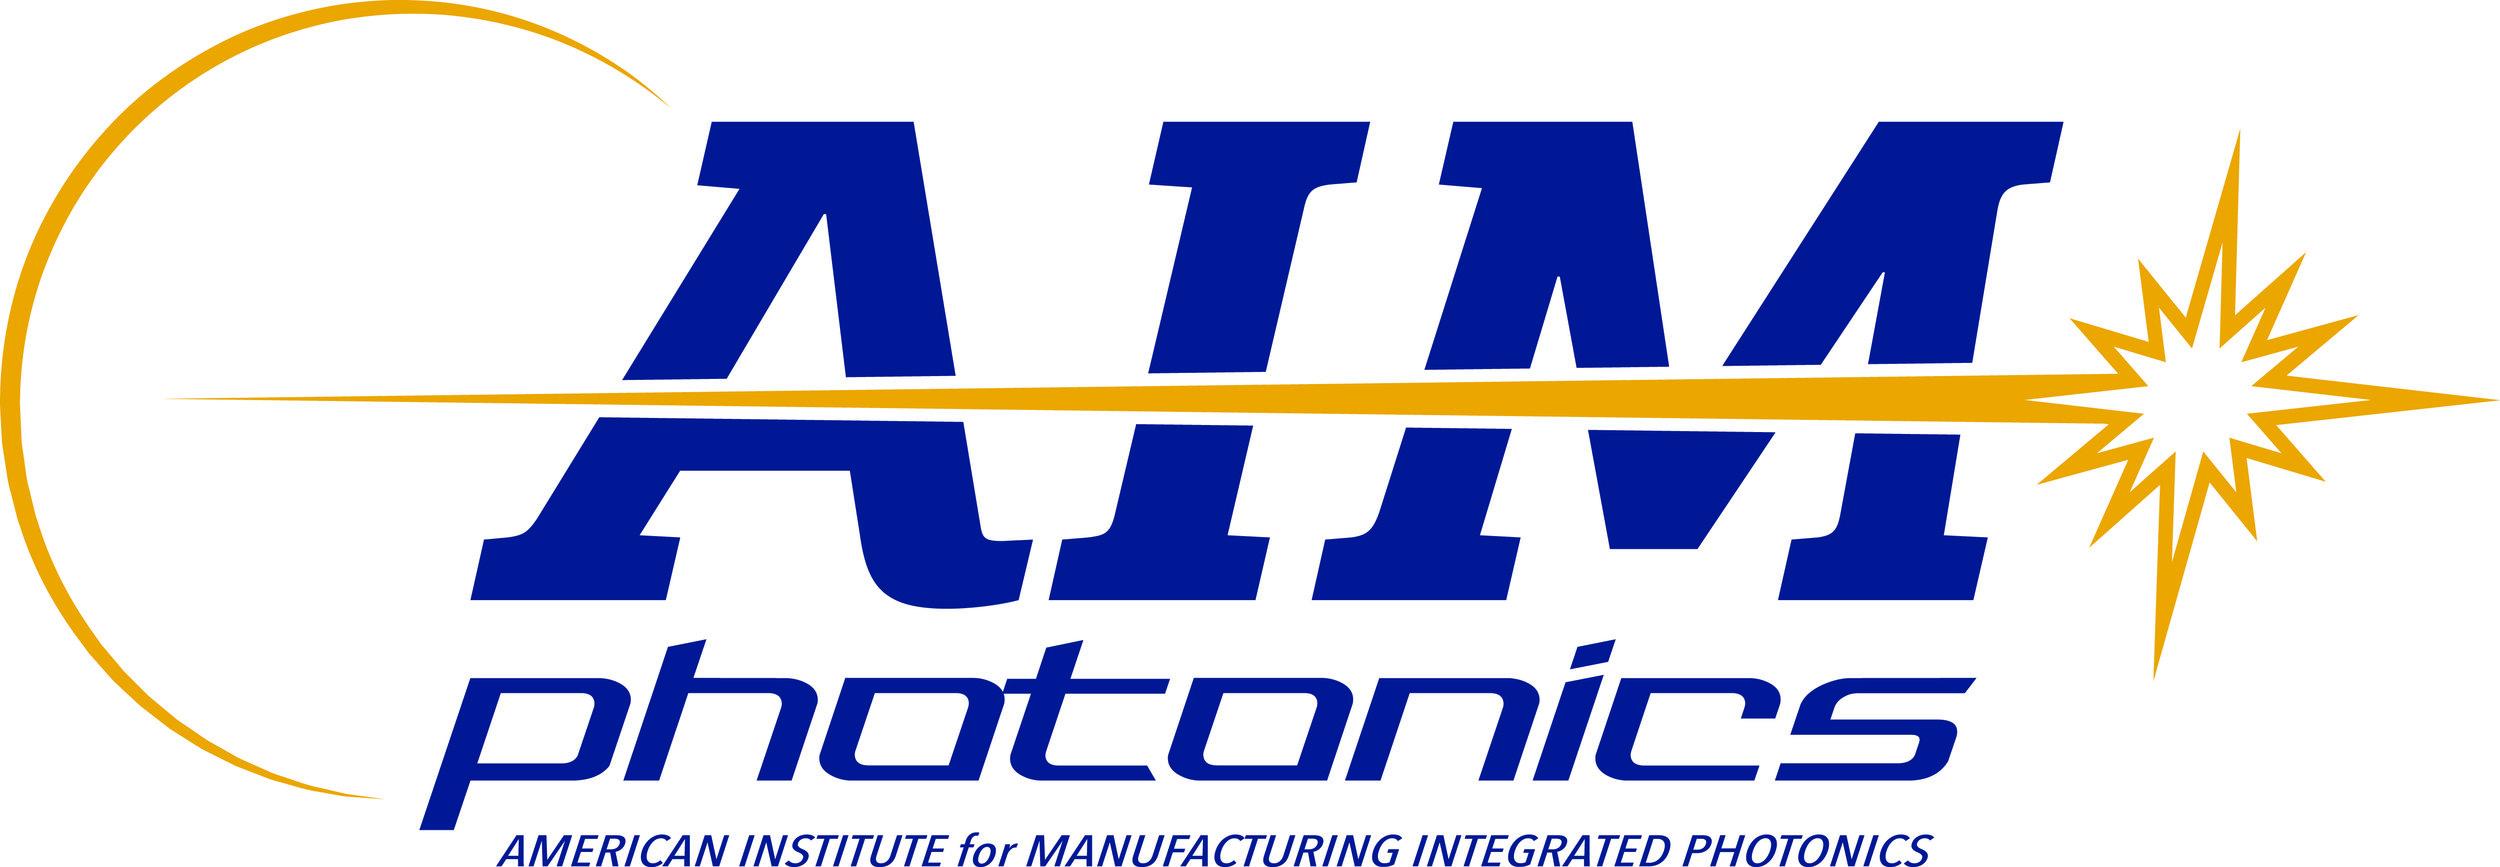 AIM Photonics_Logo_720p.jpg